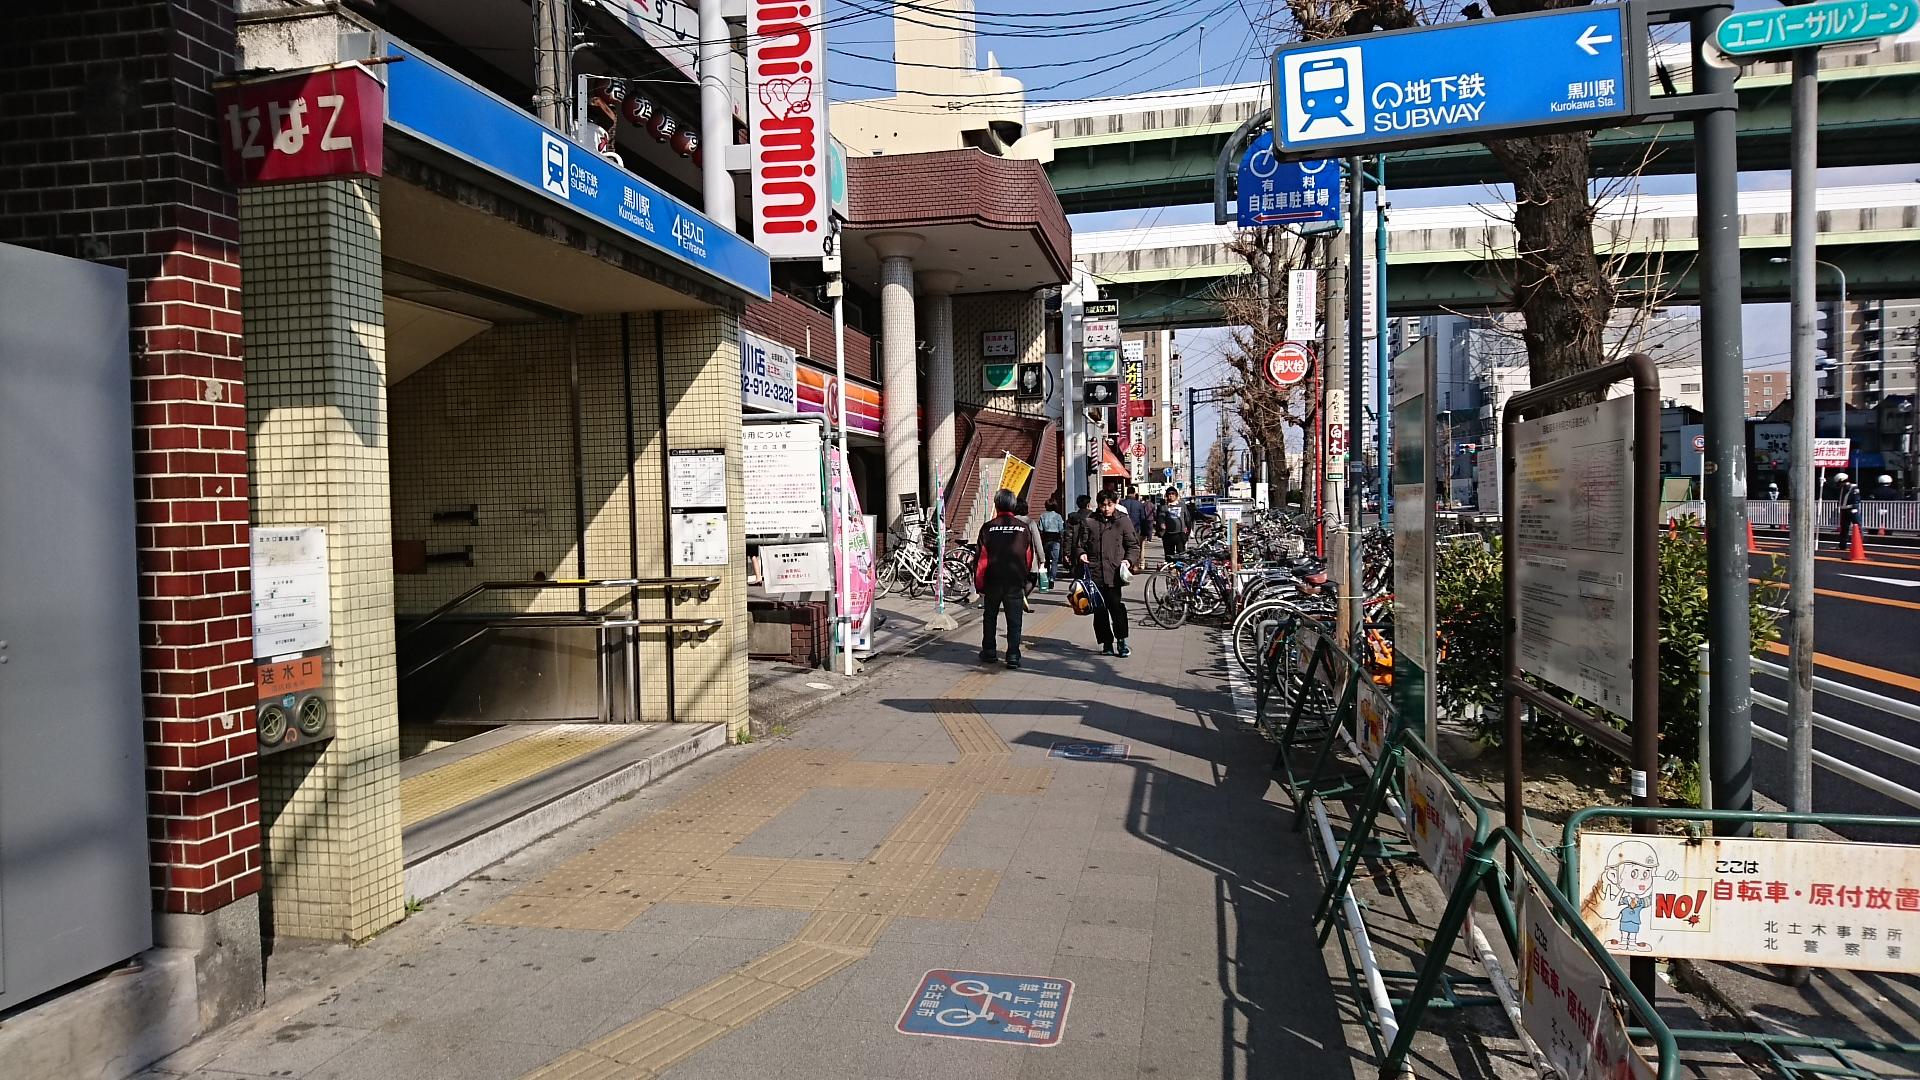 2017.3.12 名古屋 (20) 黒川=でぐち 1920-1080